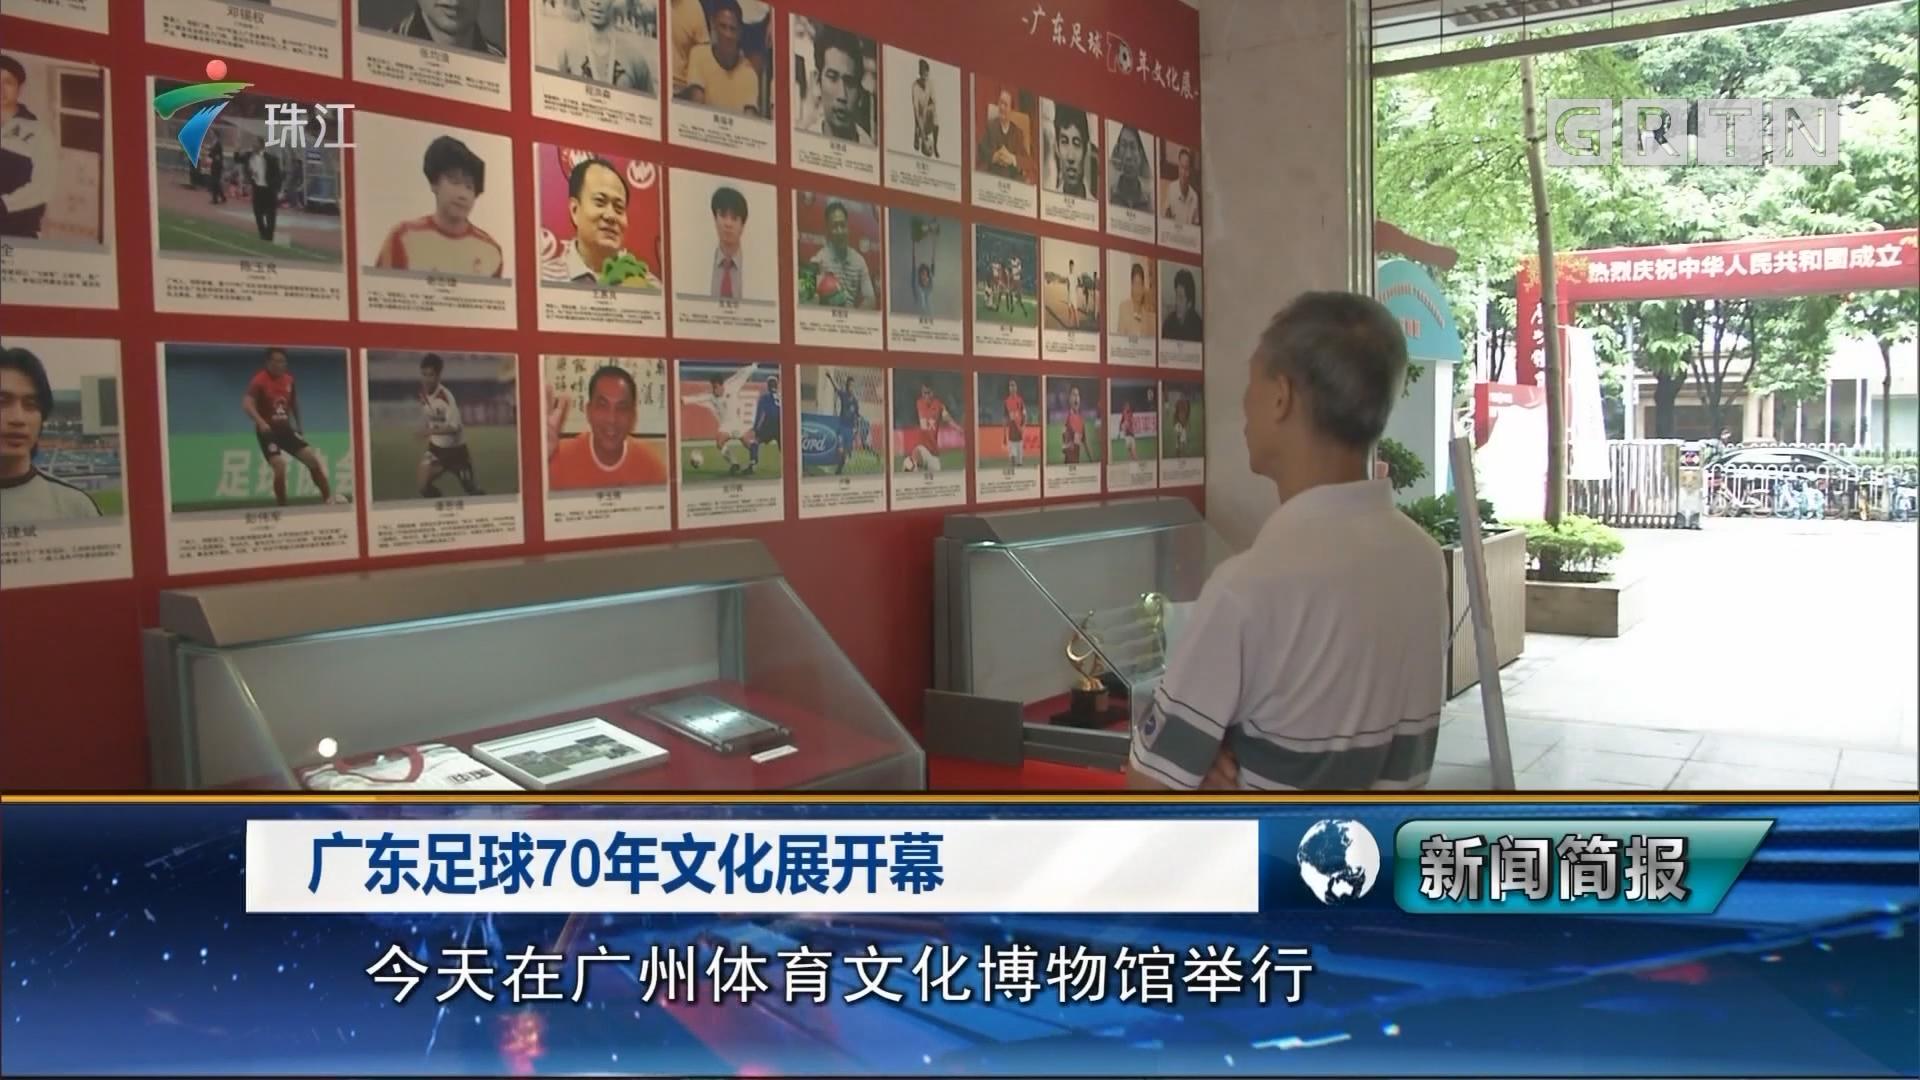 广东足球70年文化展开幕